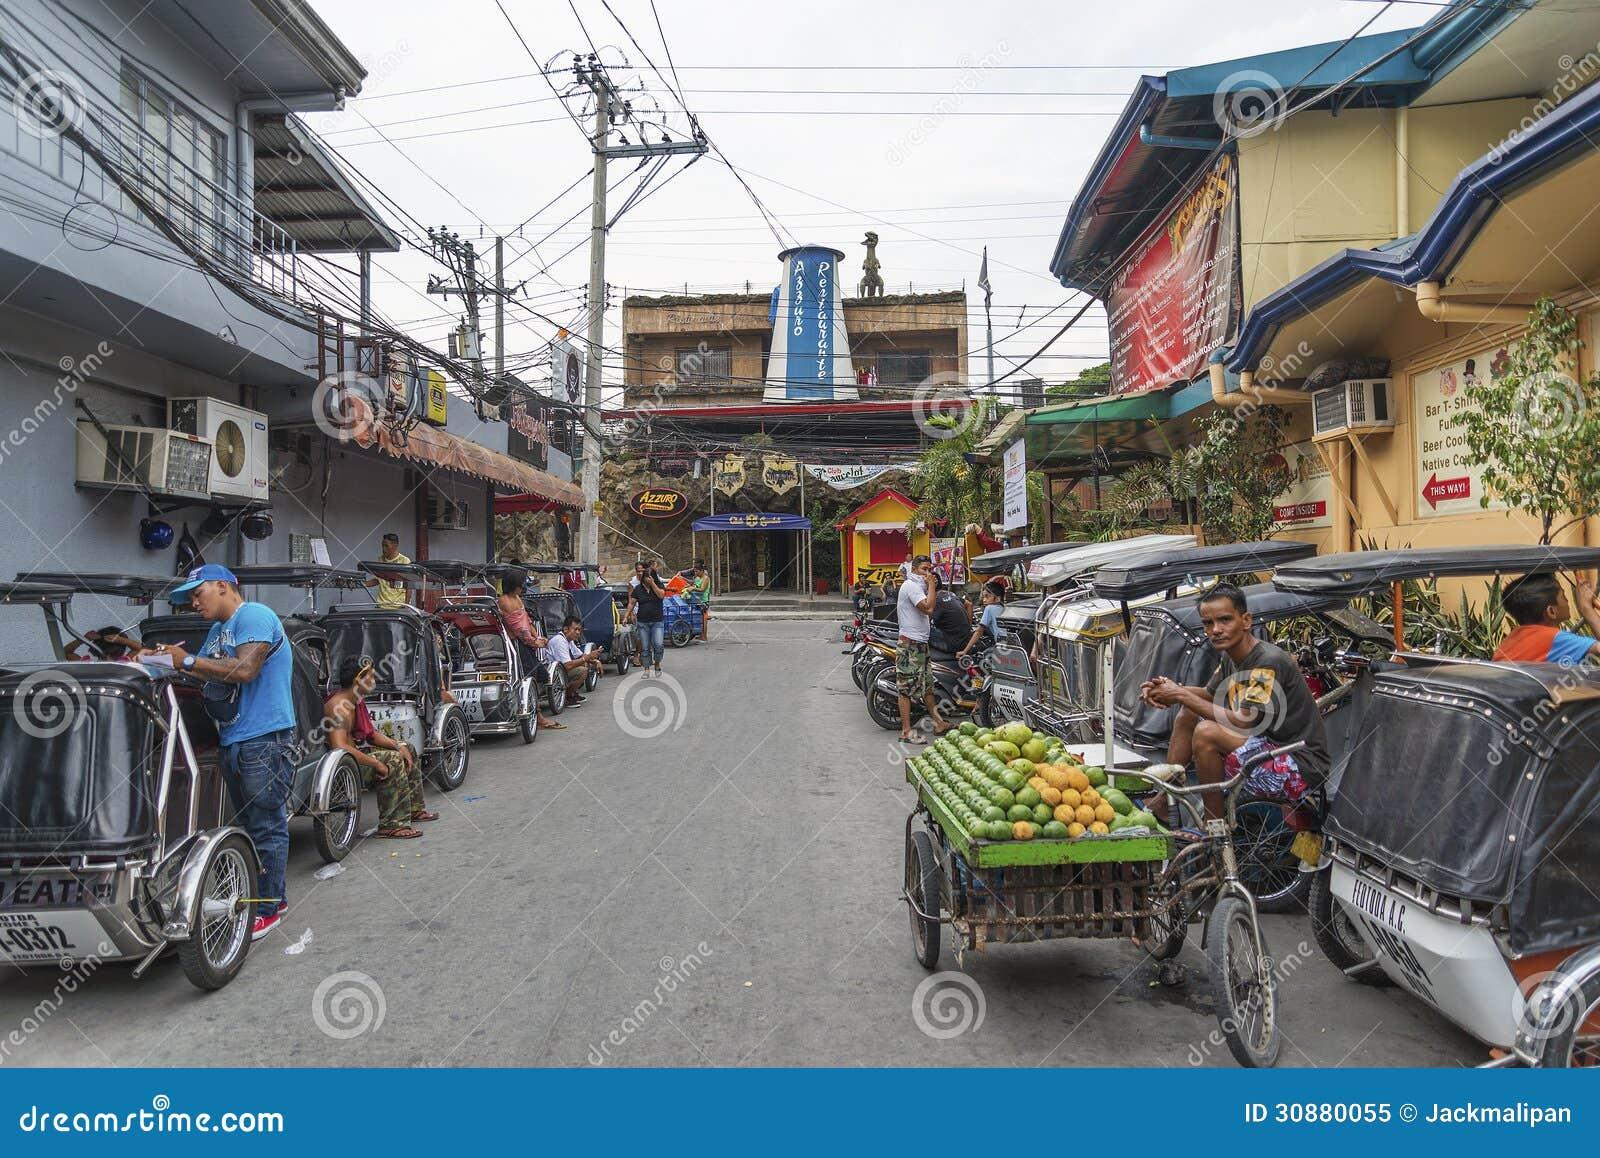 Asia sex tourist nightlife - 4 5